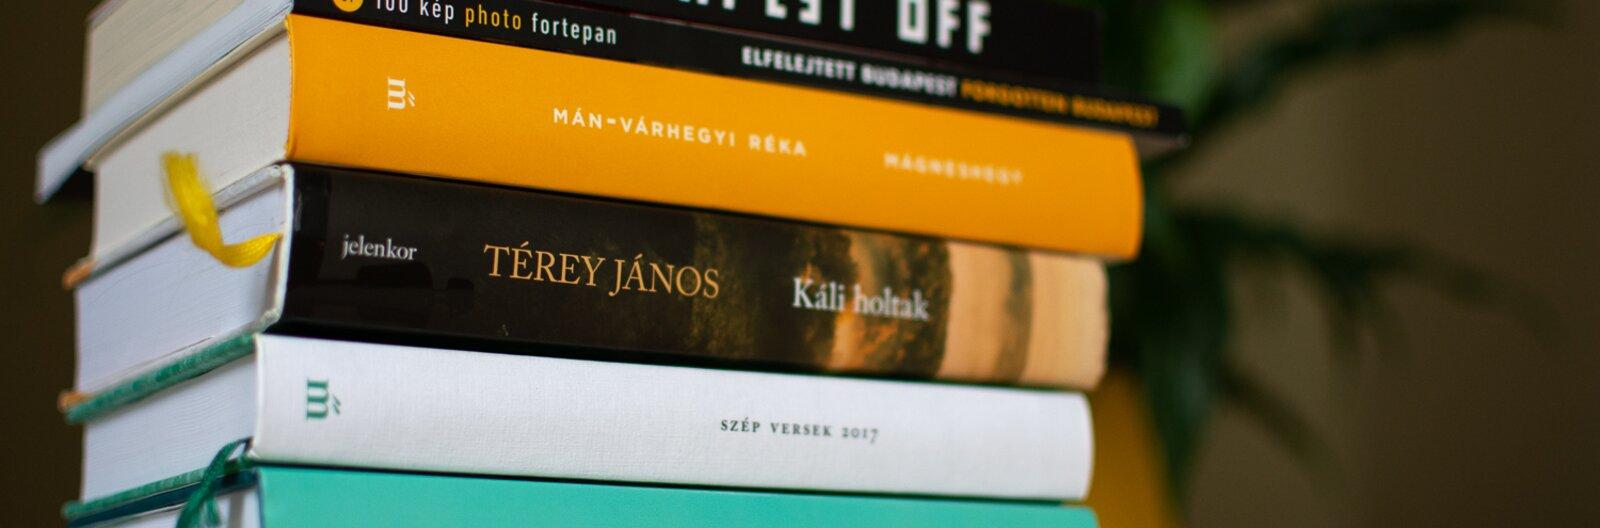 6+1 könyv a nyárra, a zombiktól a szövevényes családi drámákon át az elfelejtett budapesti fotókig